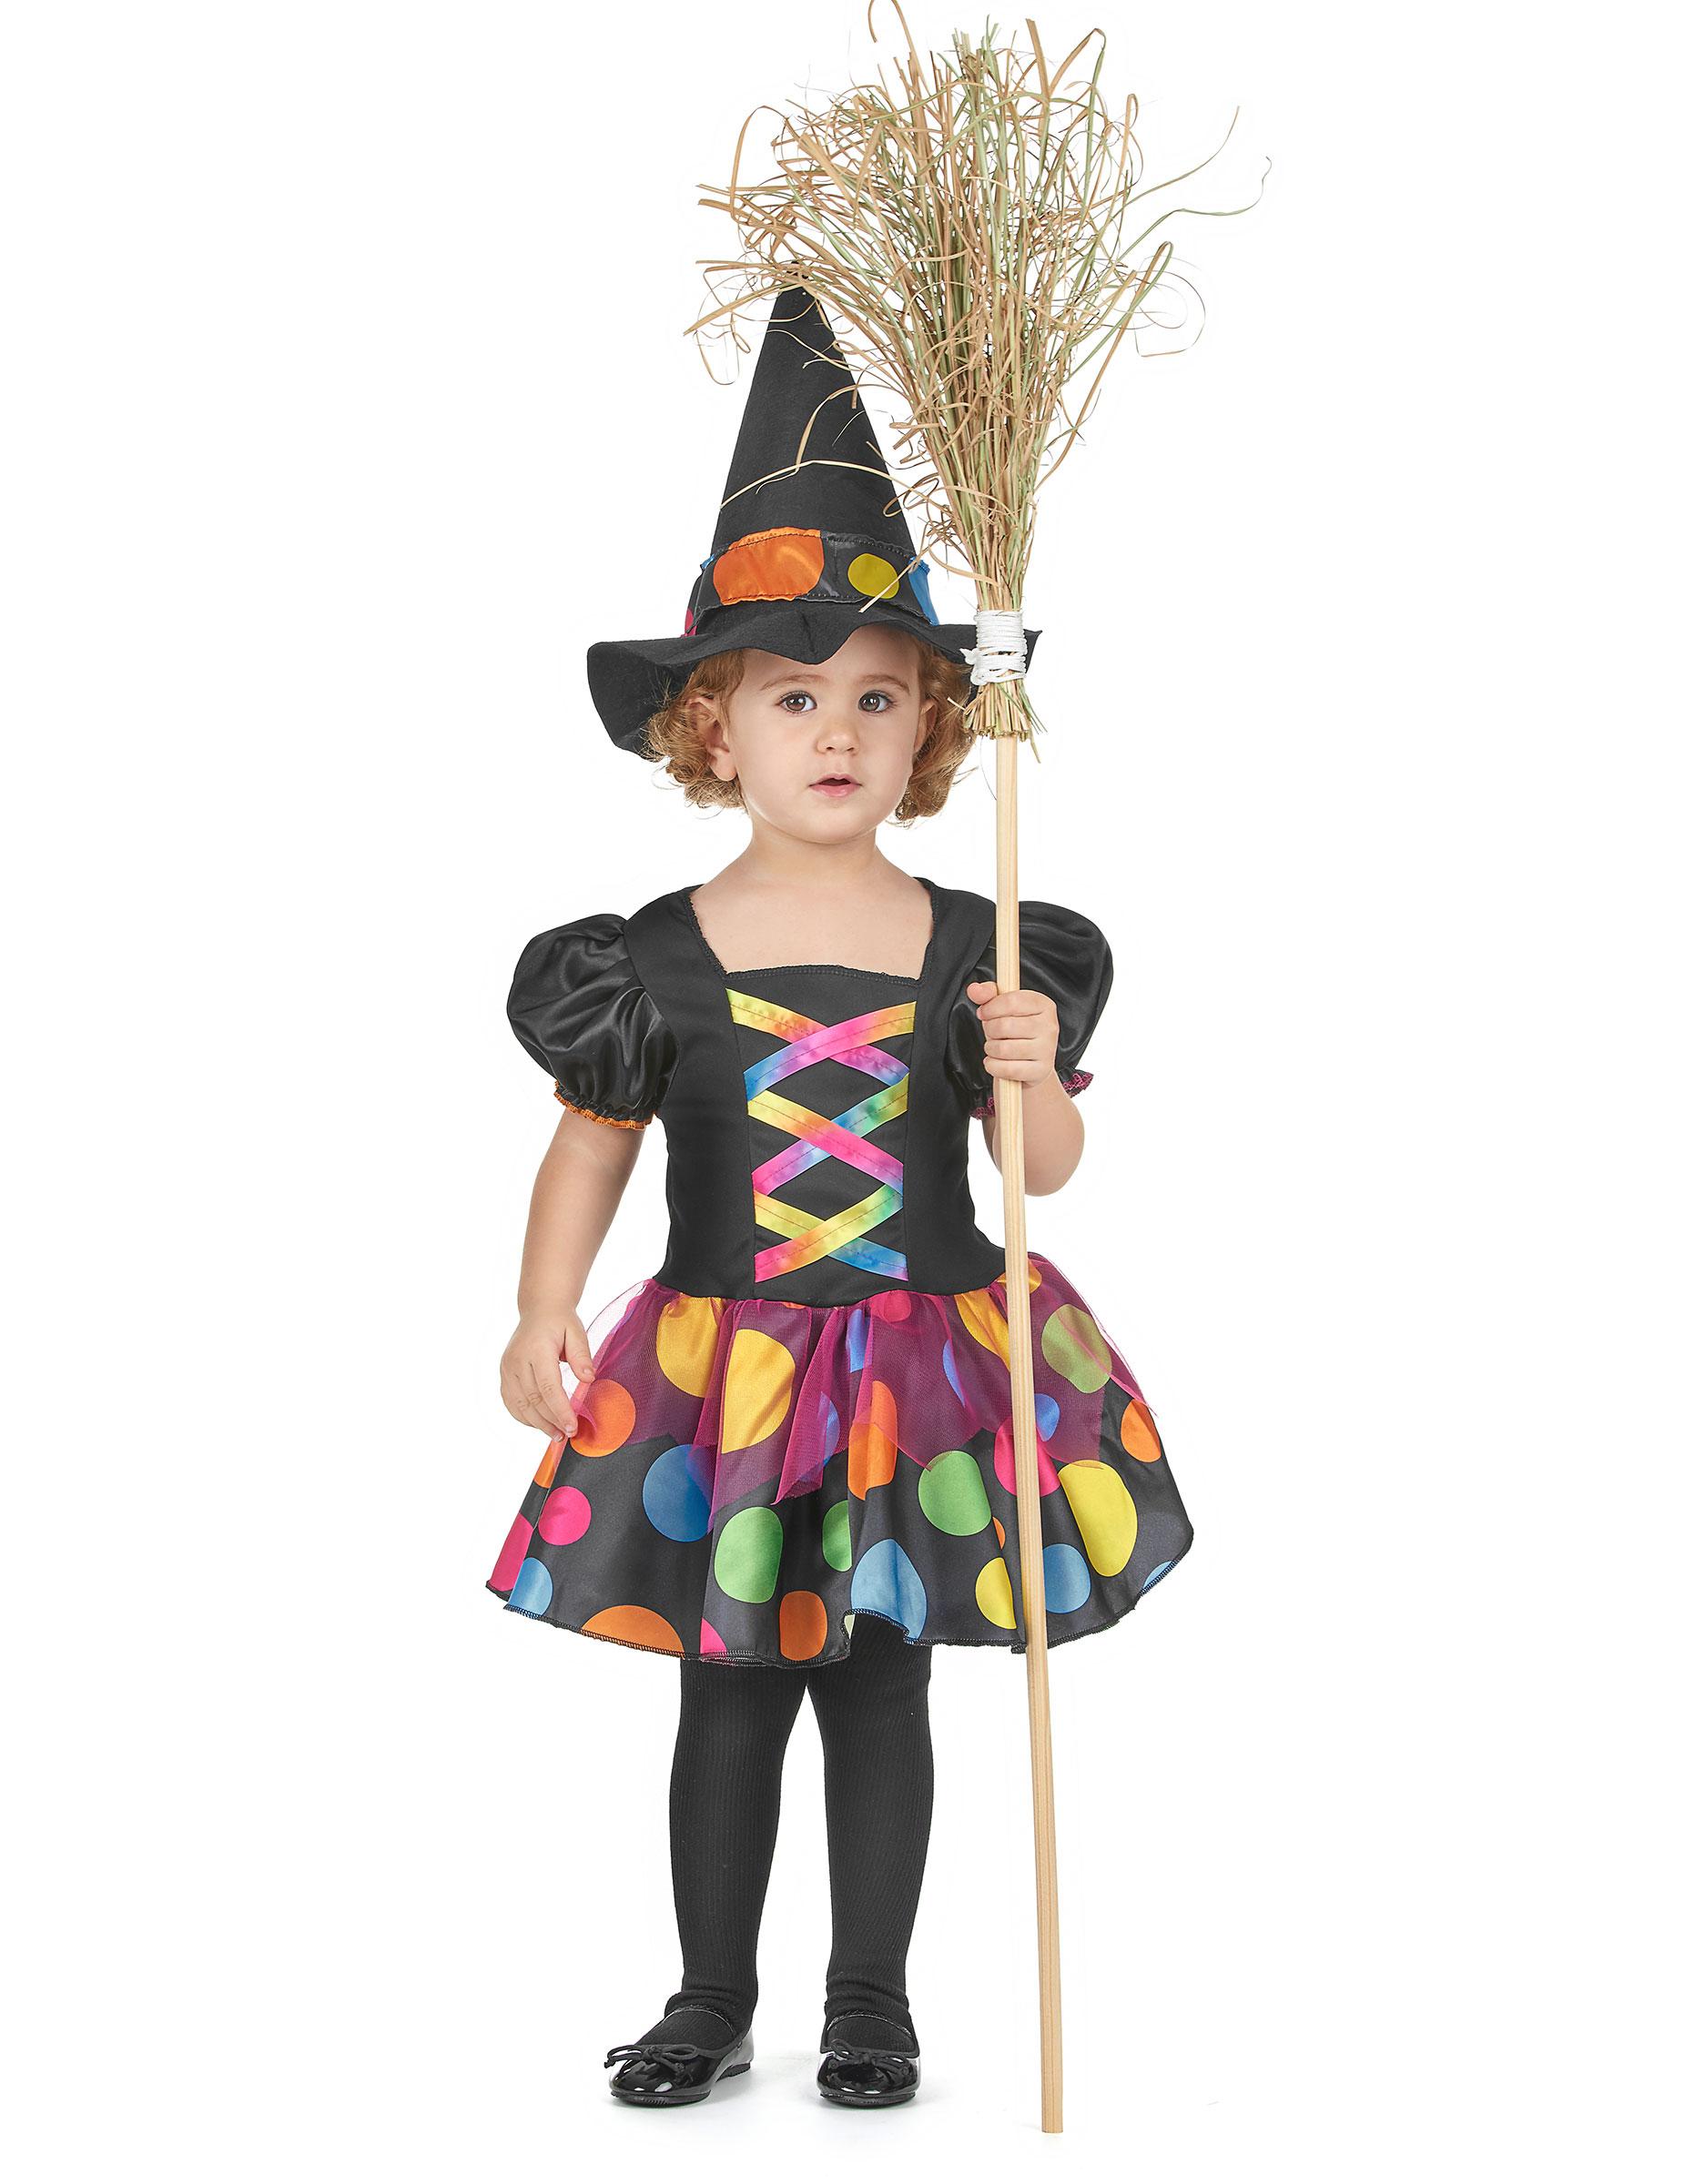 Färgglad häxdräkt - Halloweendräkt för barn 7b495760d8d43